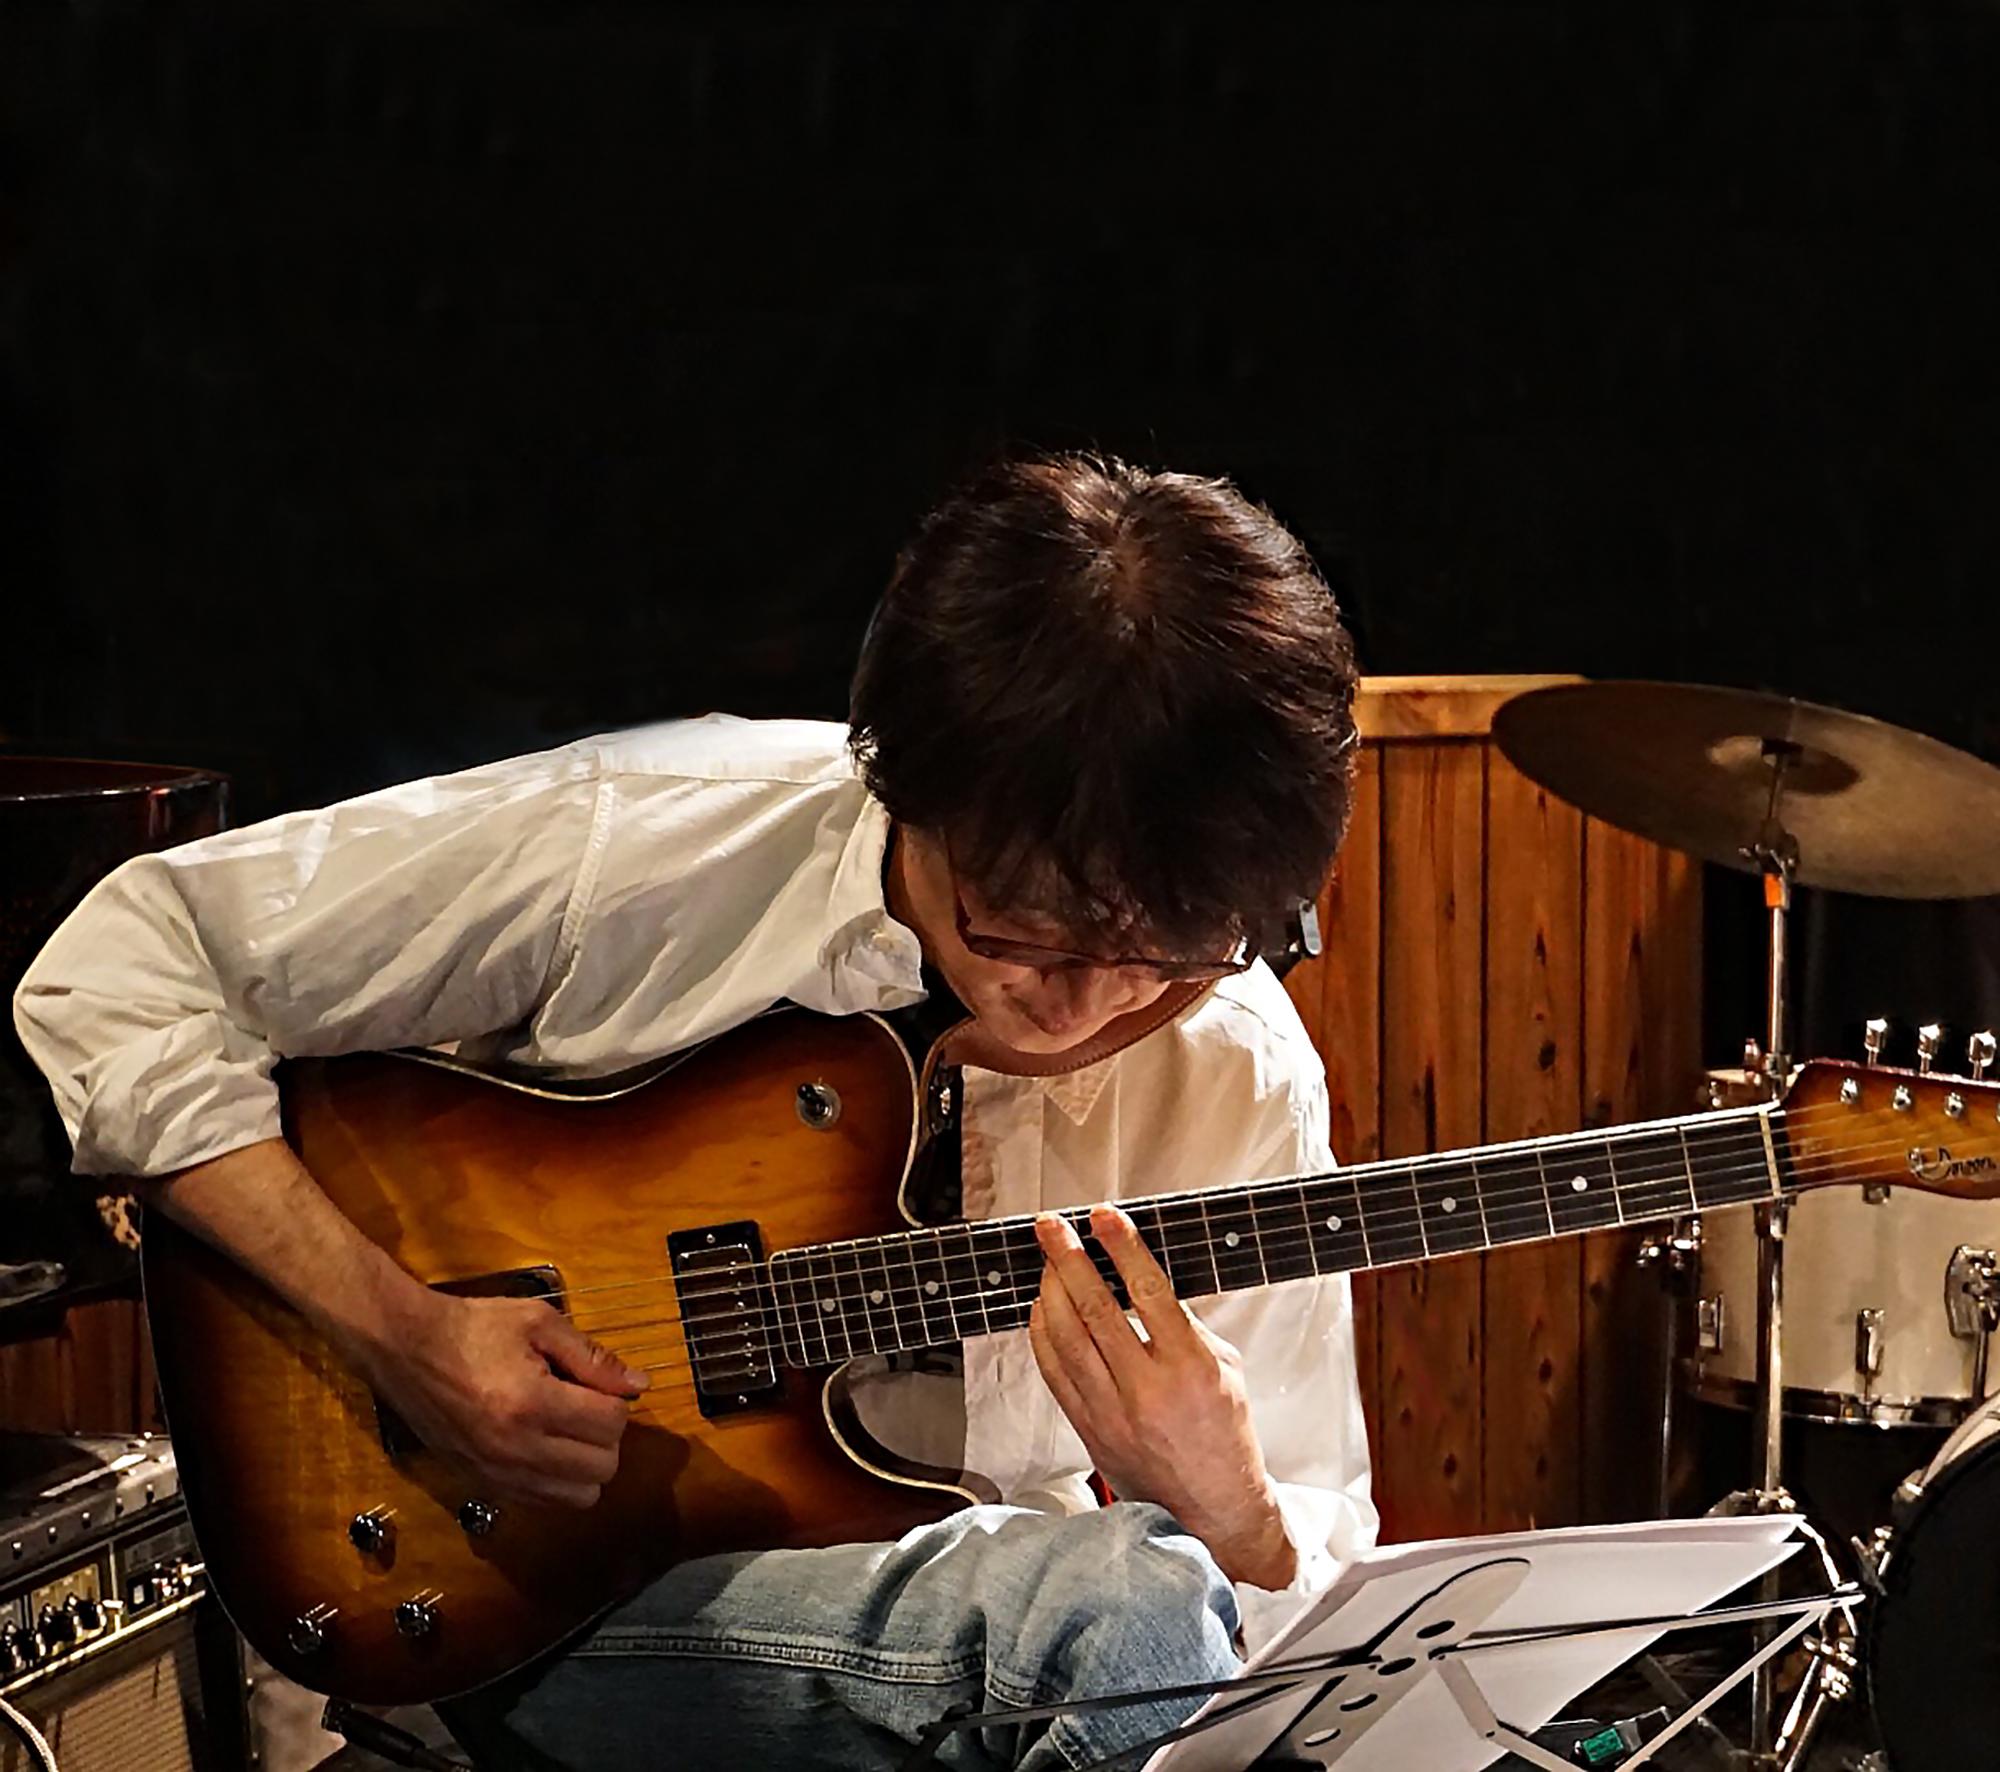 hiroki_9 by Hideko